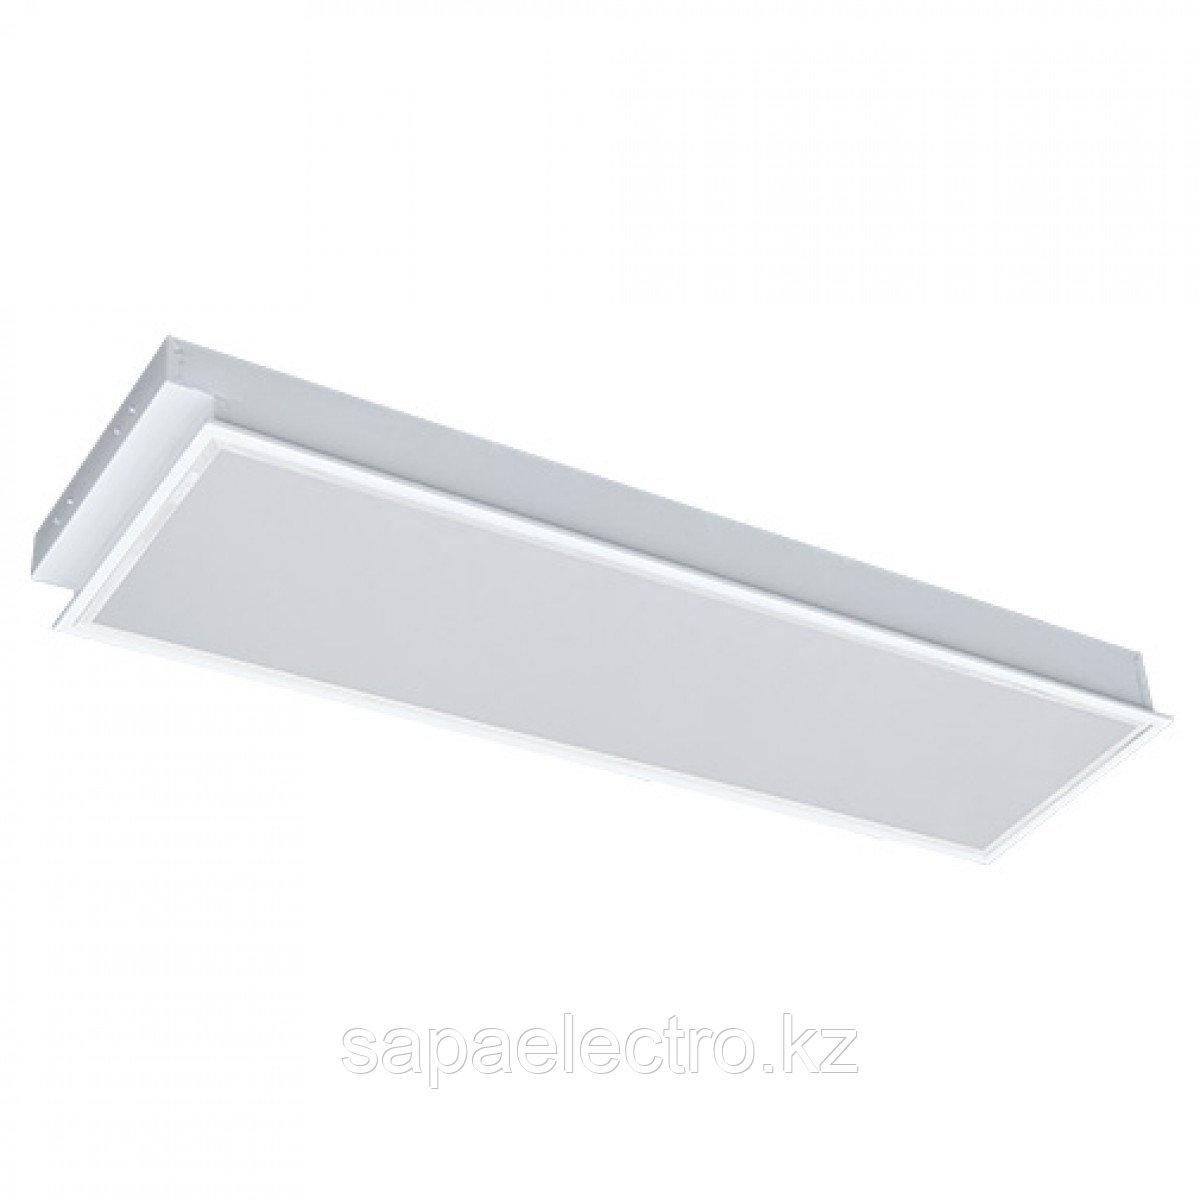 Cв-к LEDTUBE LZV 2x18W/ 120см /OPAL встр-й (с лампо